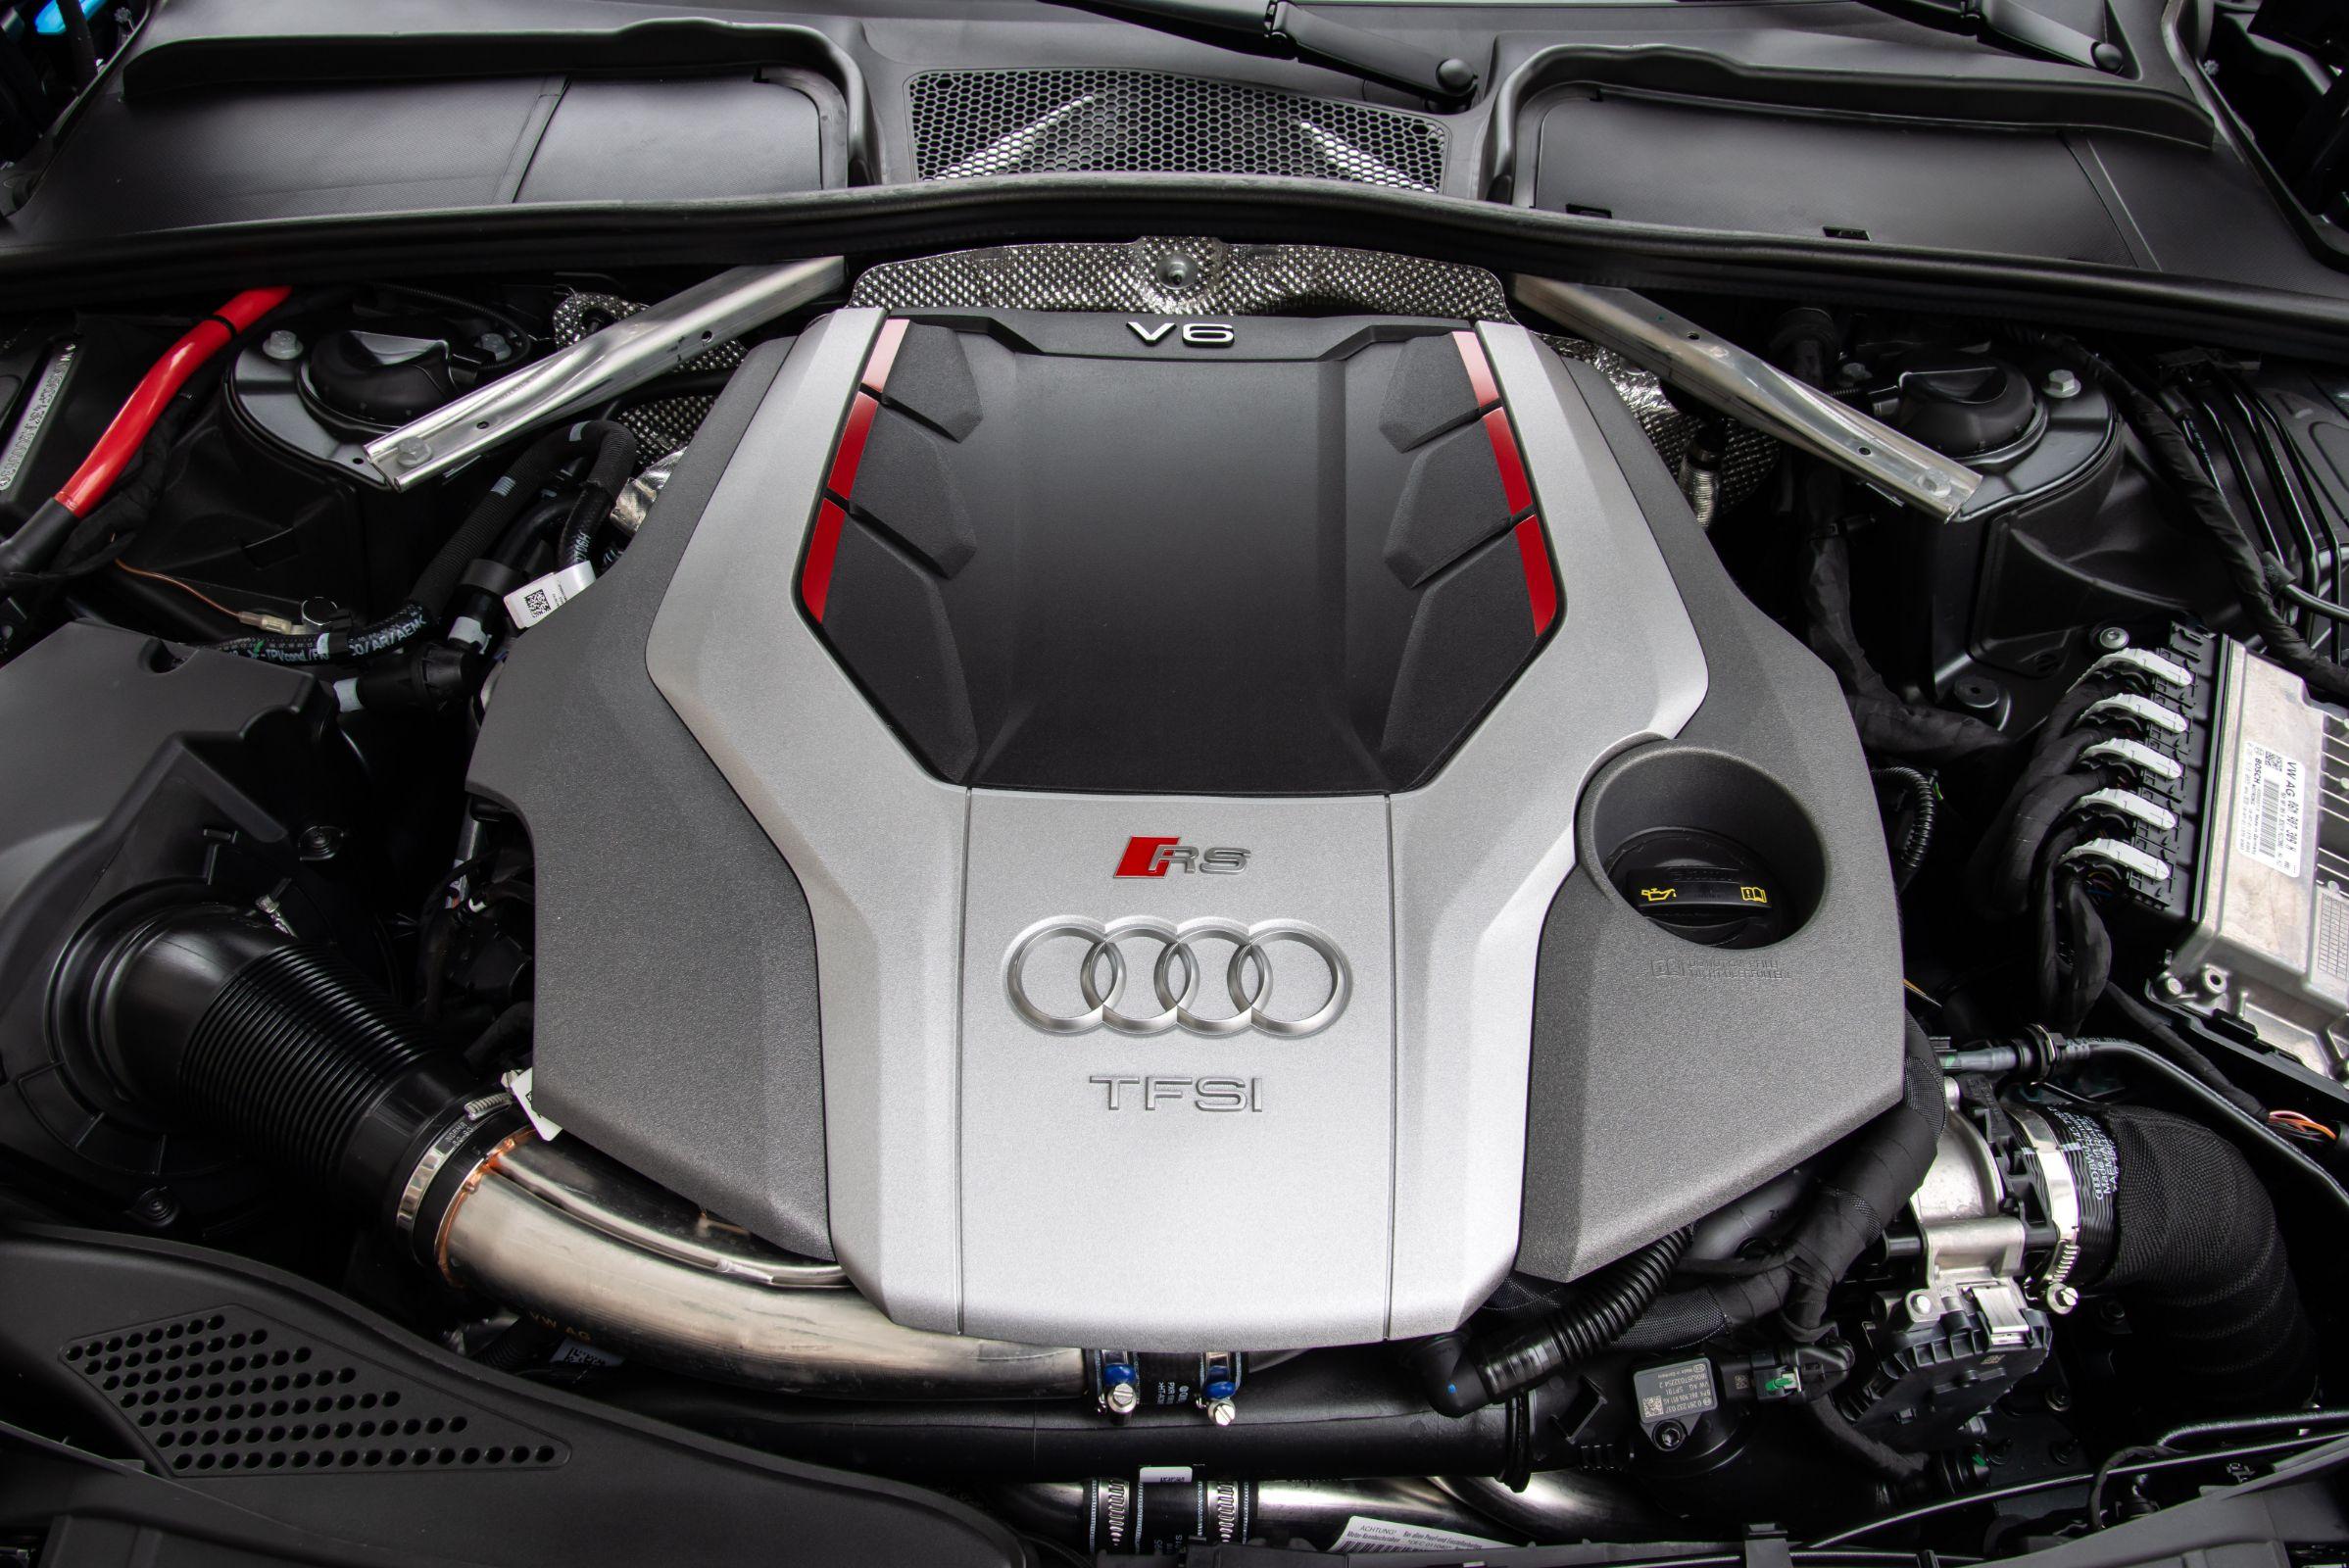 Audi RS 4 Avant: motor de 450 cv de potência